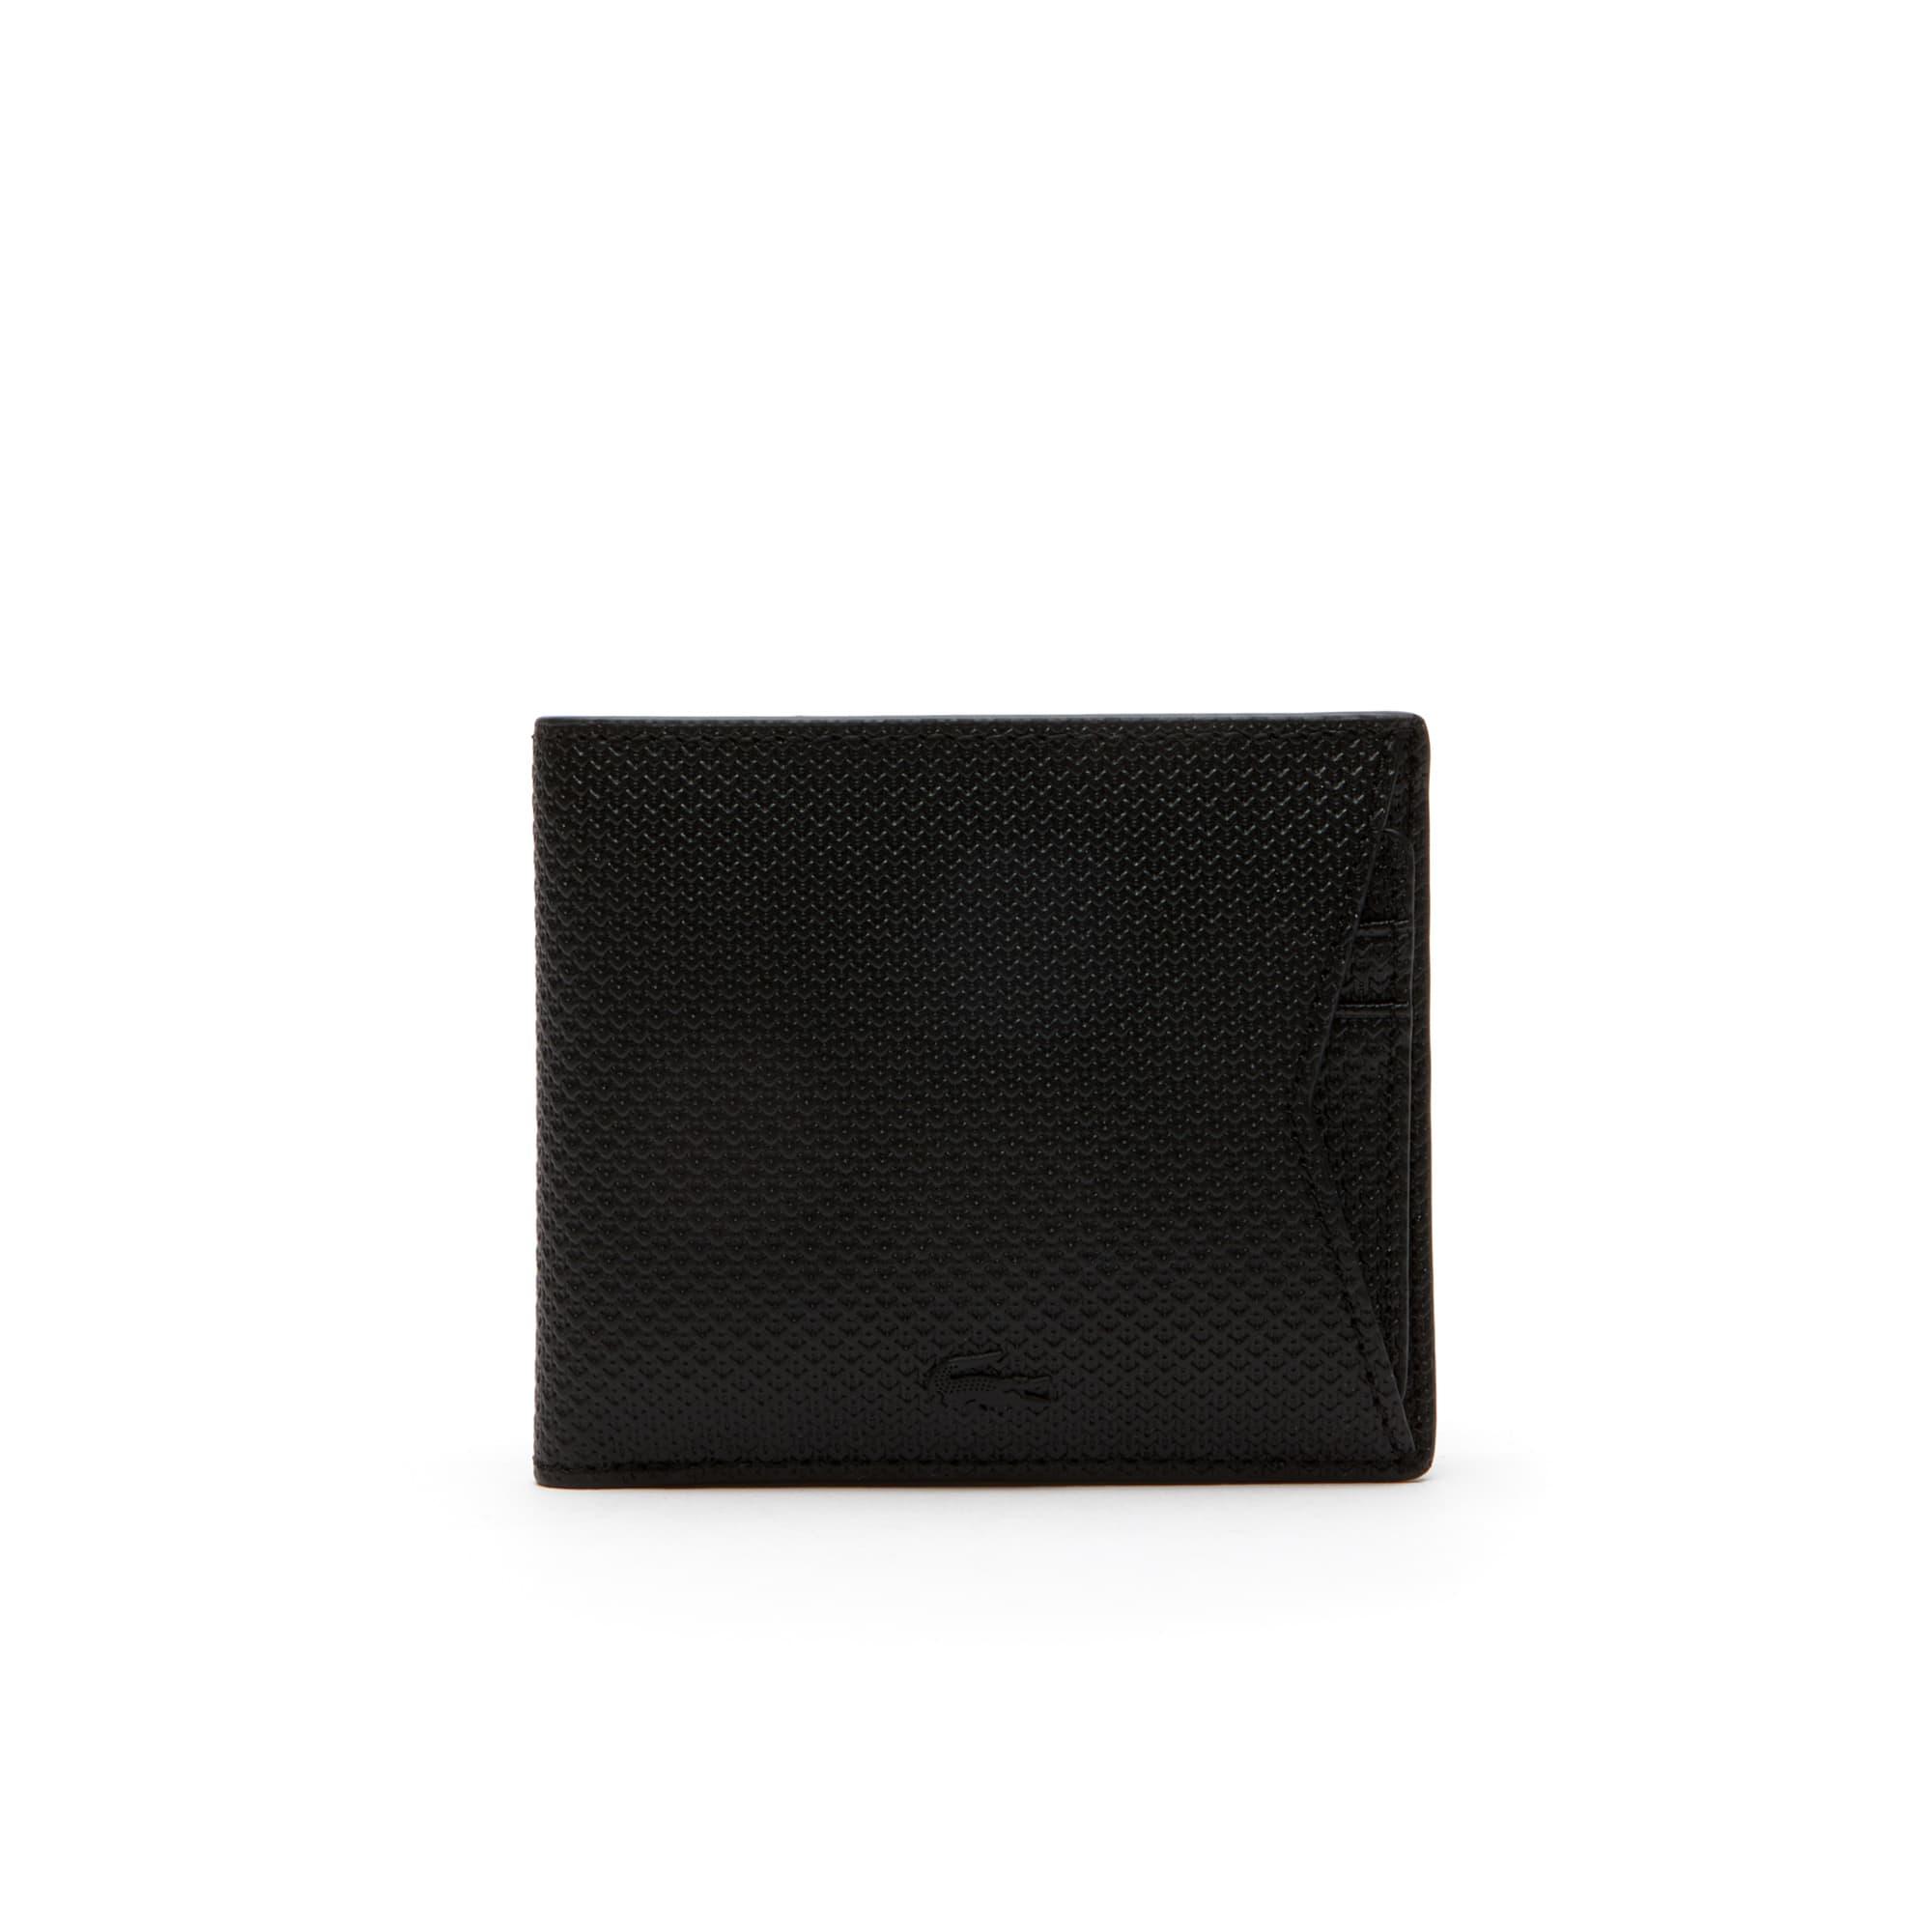 Portefeuille Chantaco en cuir monochrome enduit avec porte carte